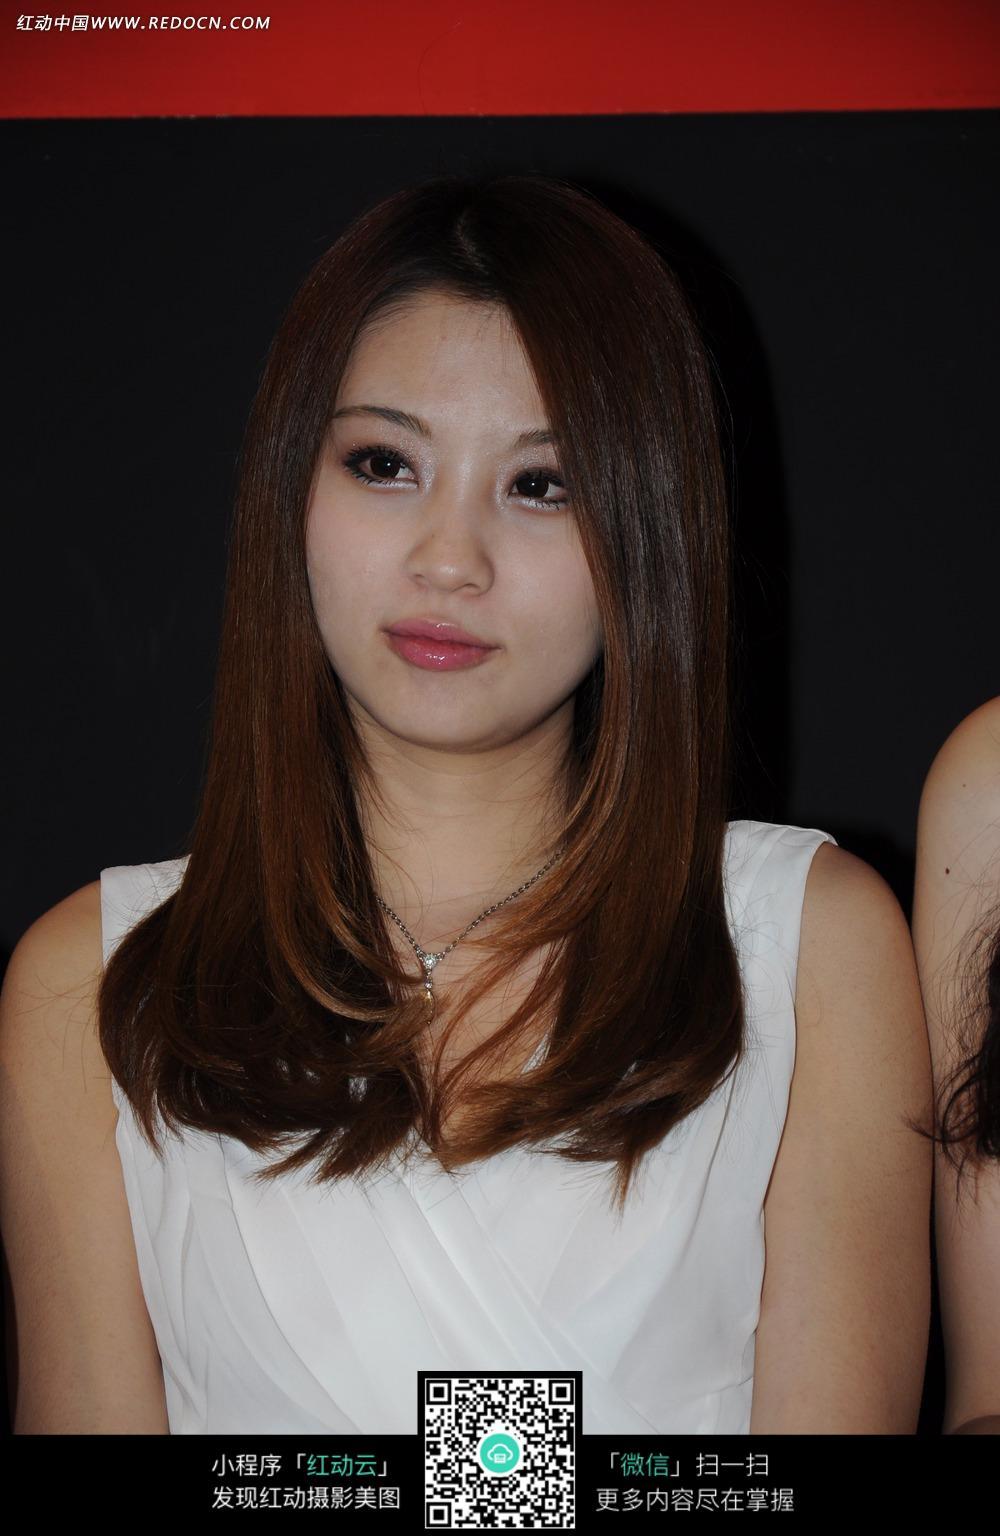 白色服装的美女图片 职业人物图片